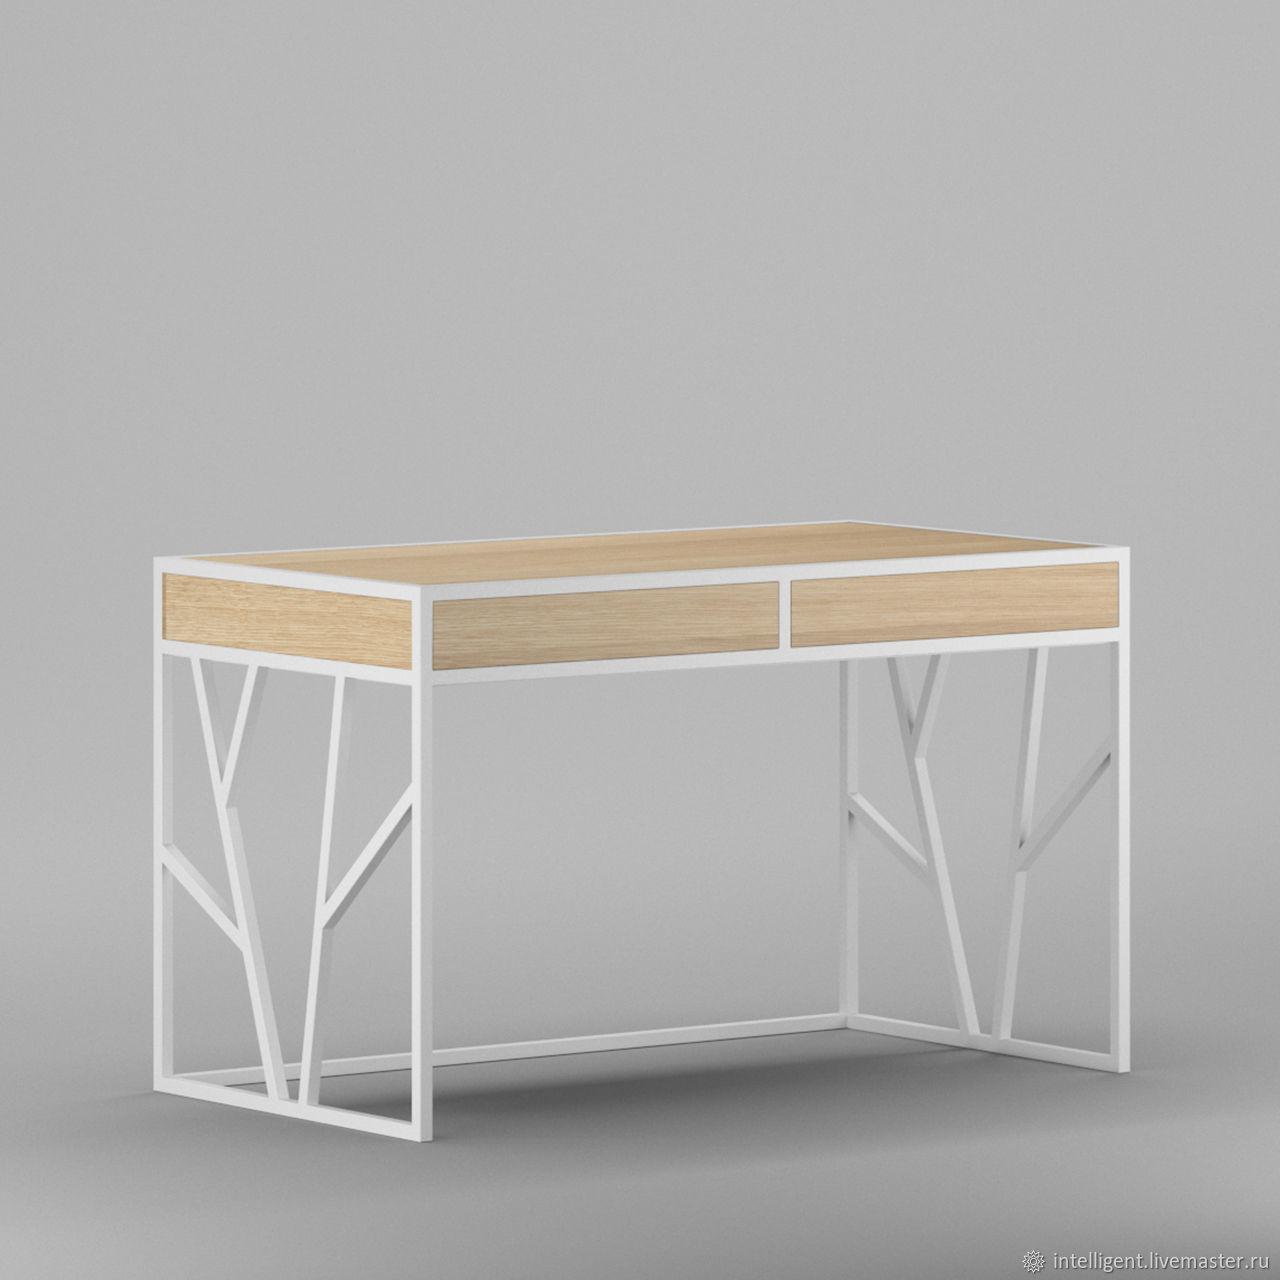 Мебель ручной работы. Ярмарка Мастеров - ручная работа. Купить Рабочий стол Oxford white box светлый дуб. Handmade.